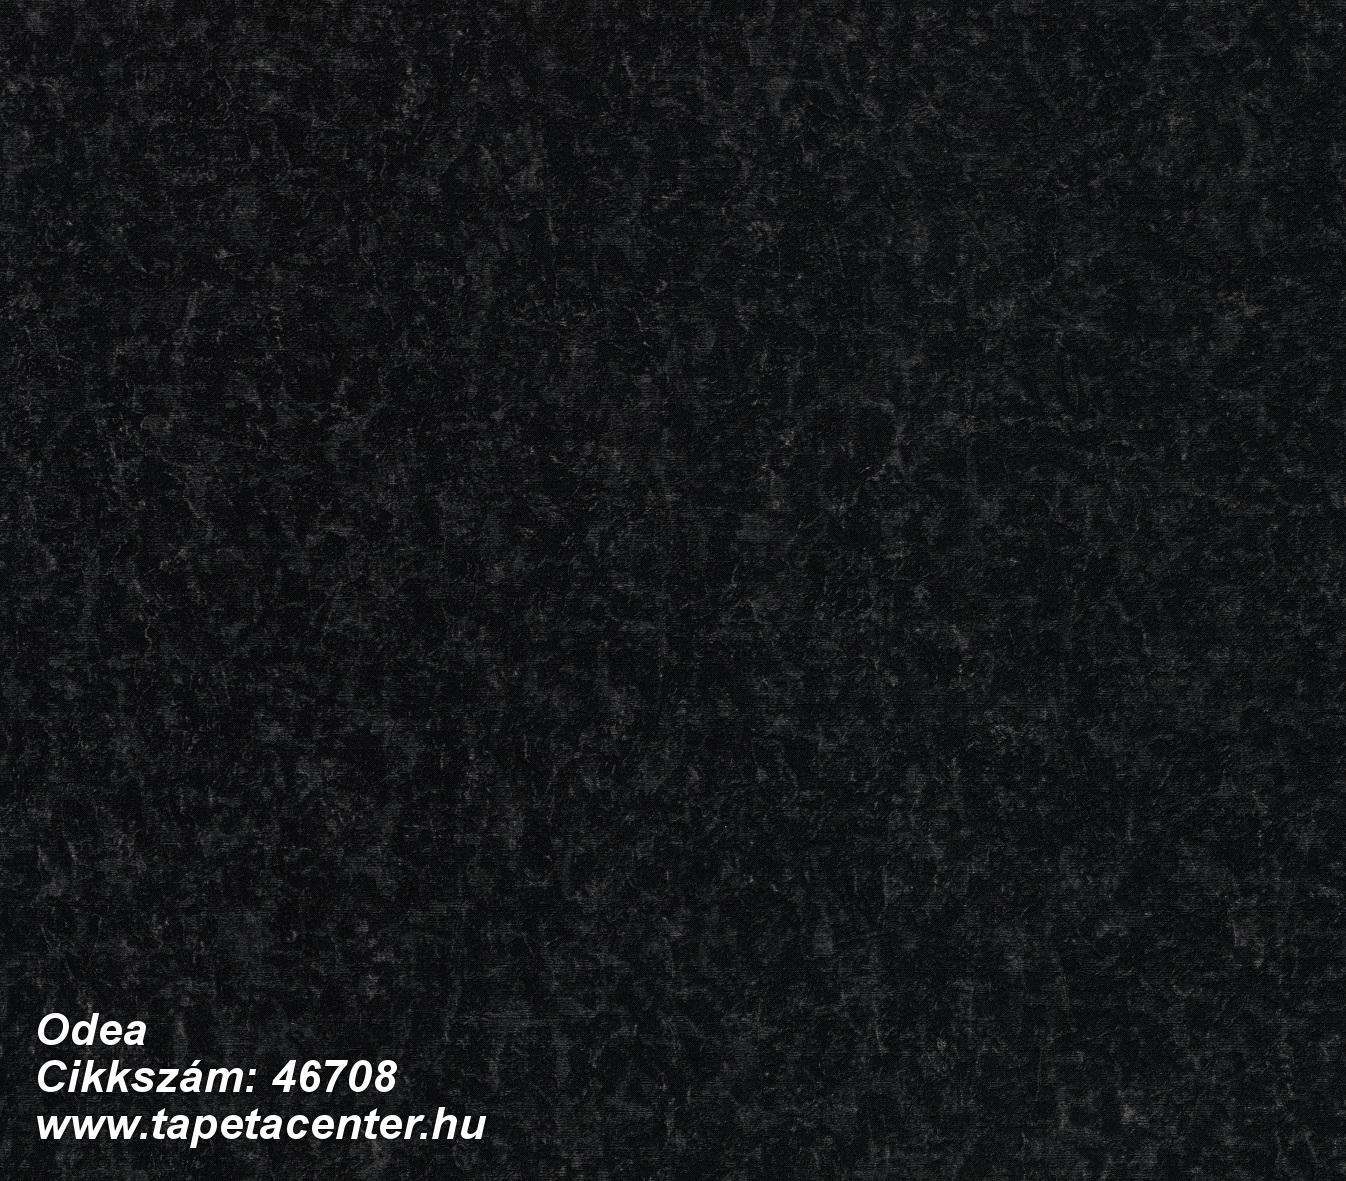 Odea - 46708 Olasz tapéta